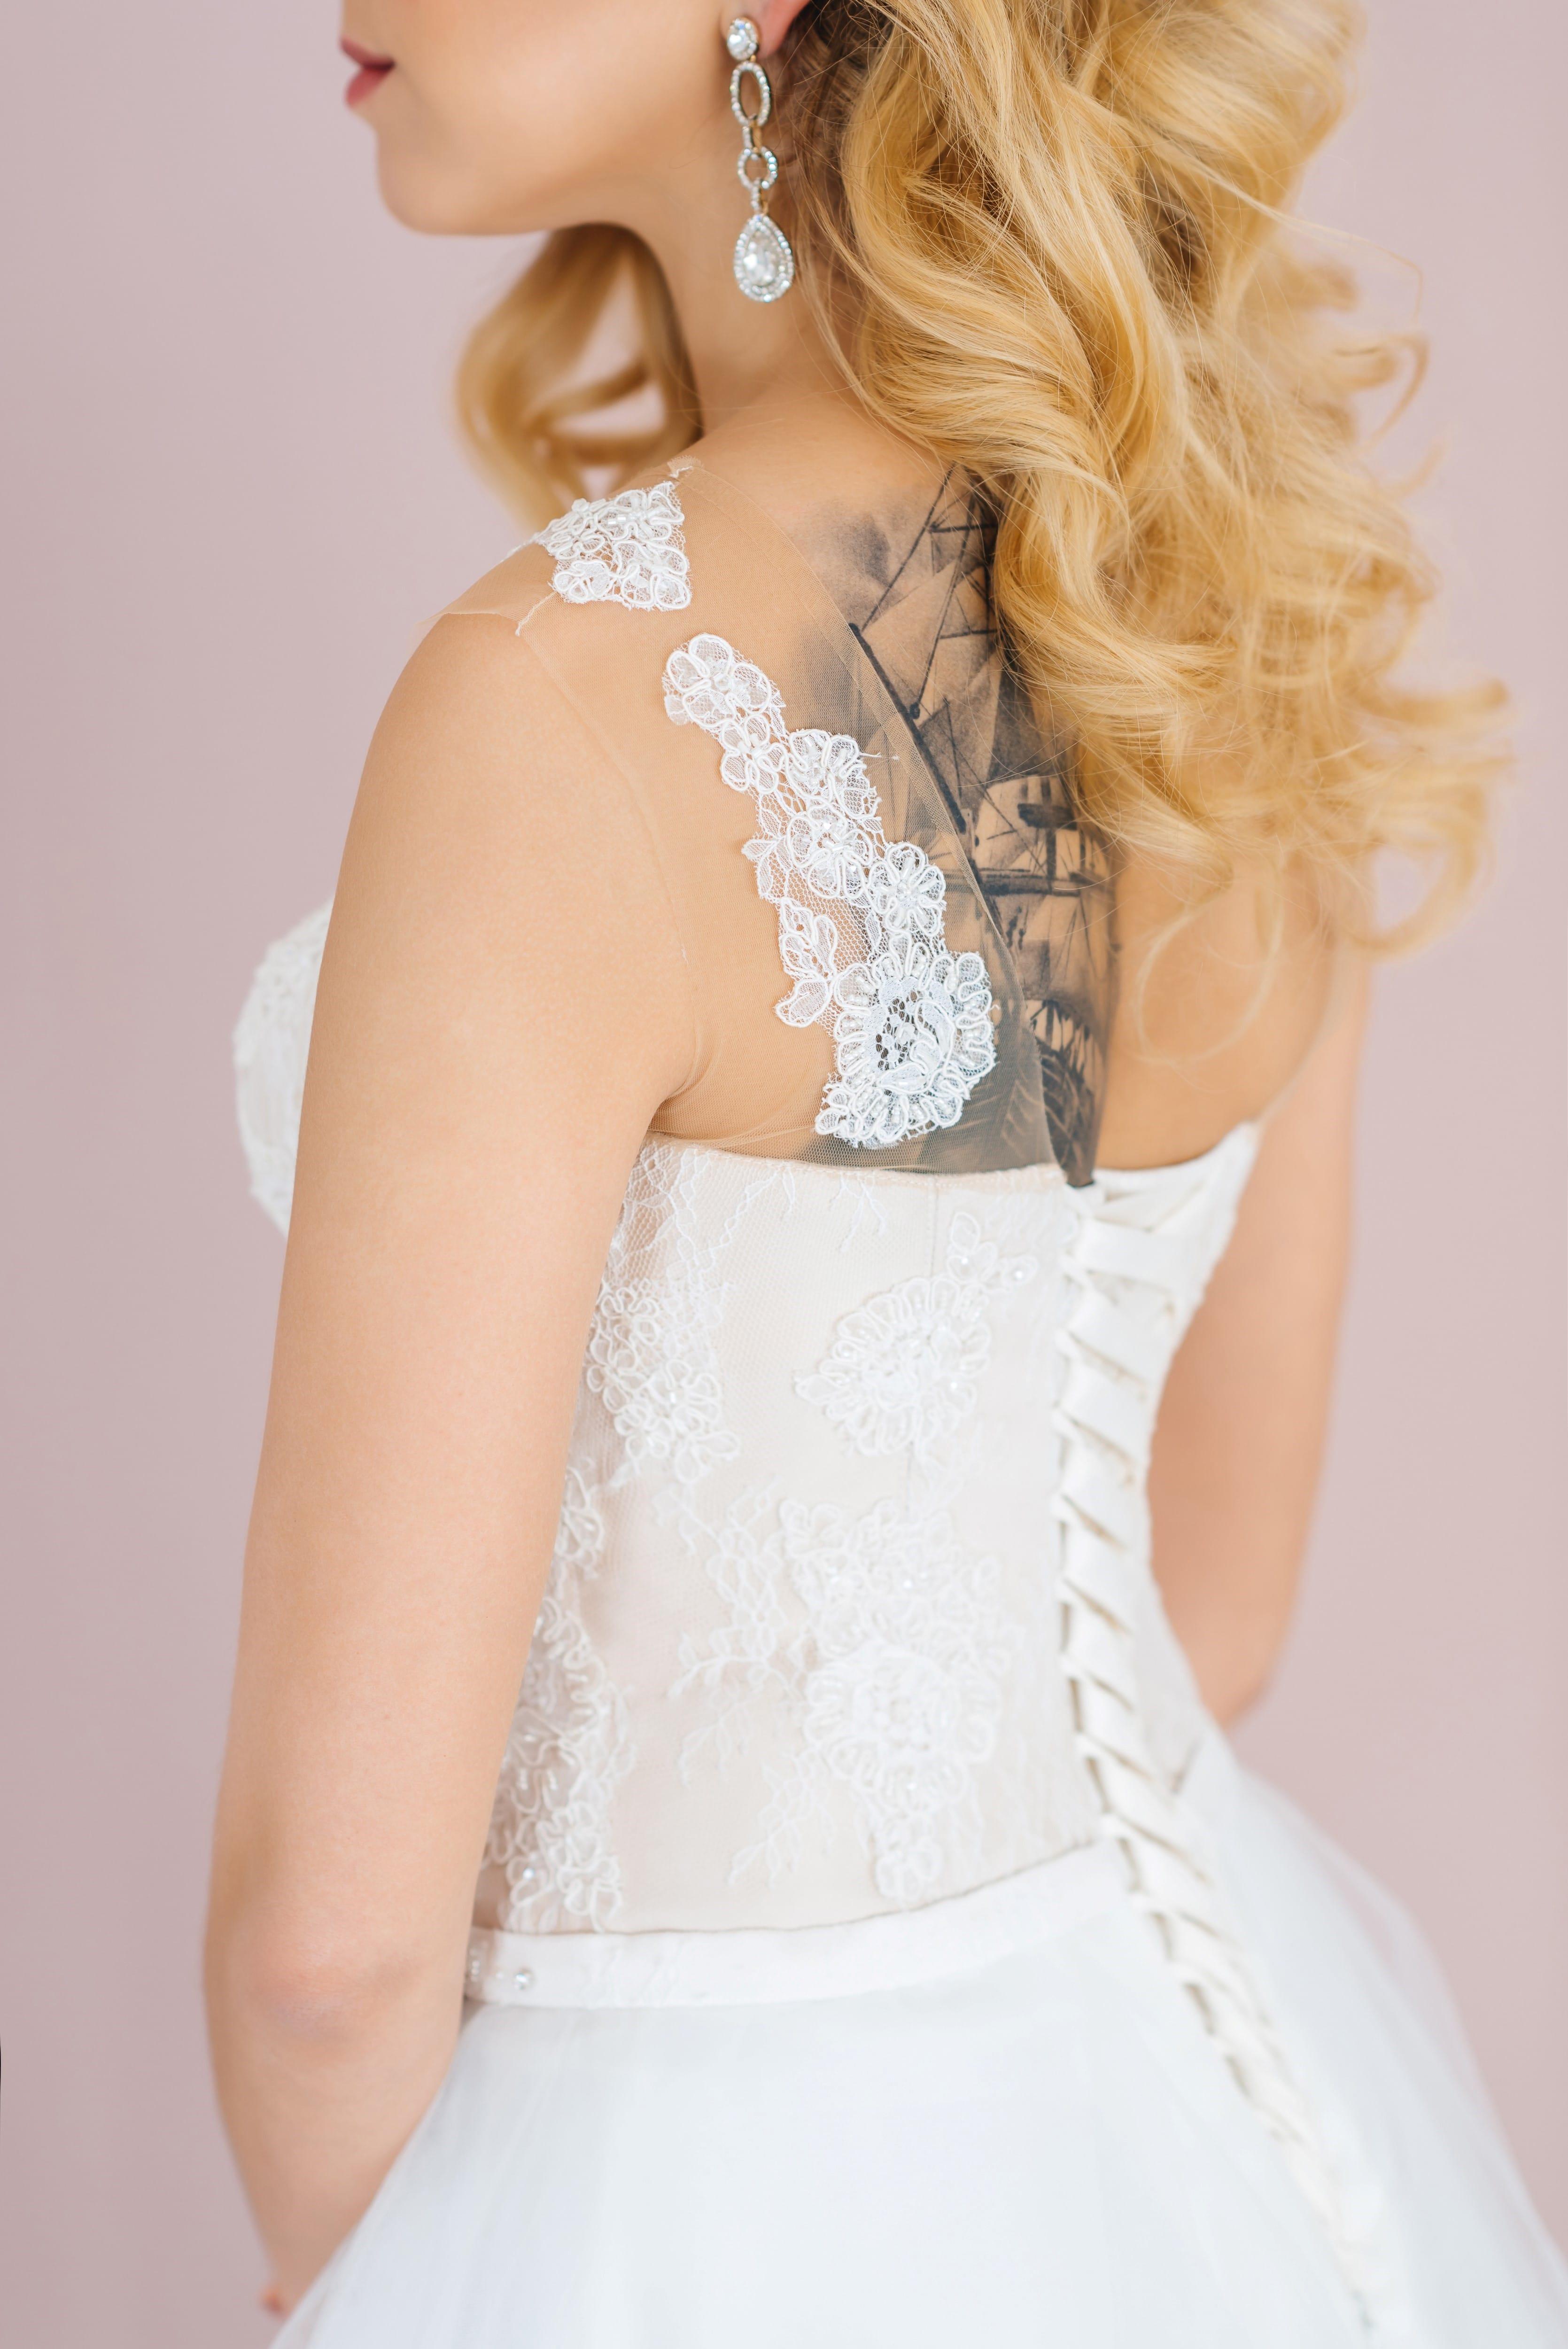 Свадебное платье FLORA, коллекция LOFT, бренд RARE BRIDAL, фото 4